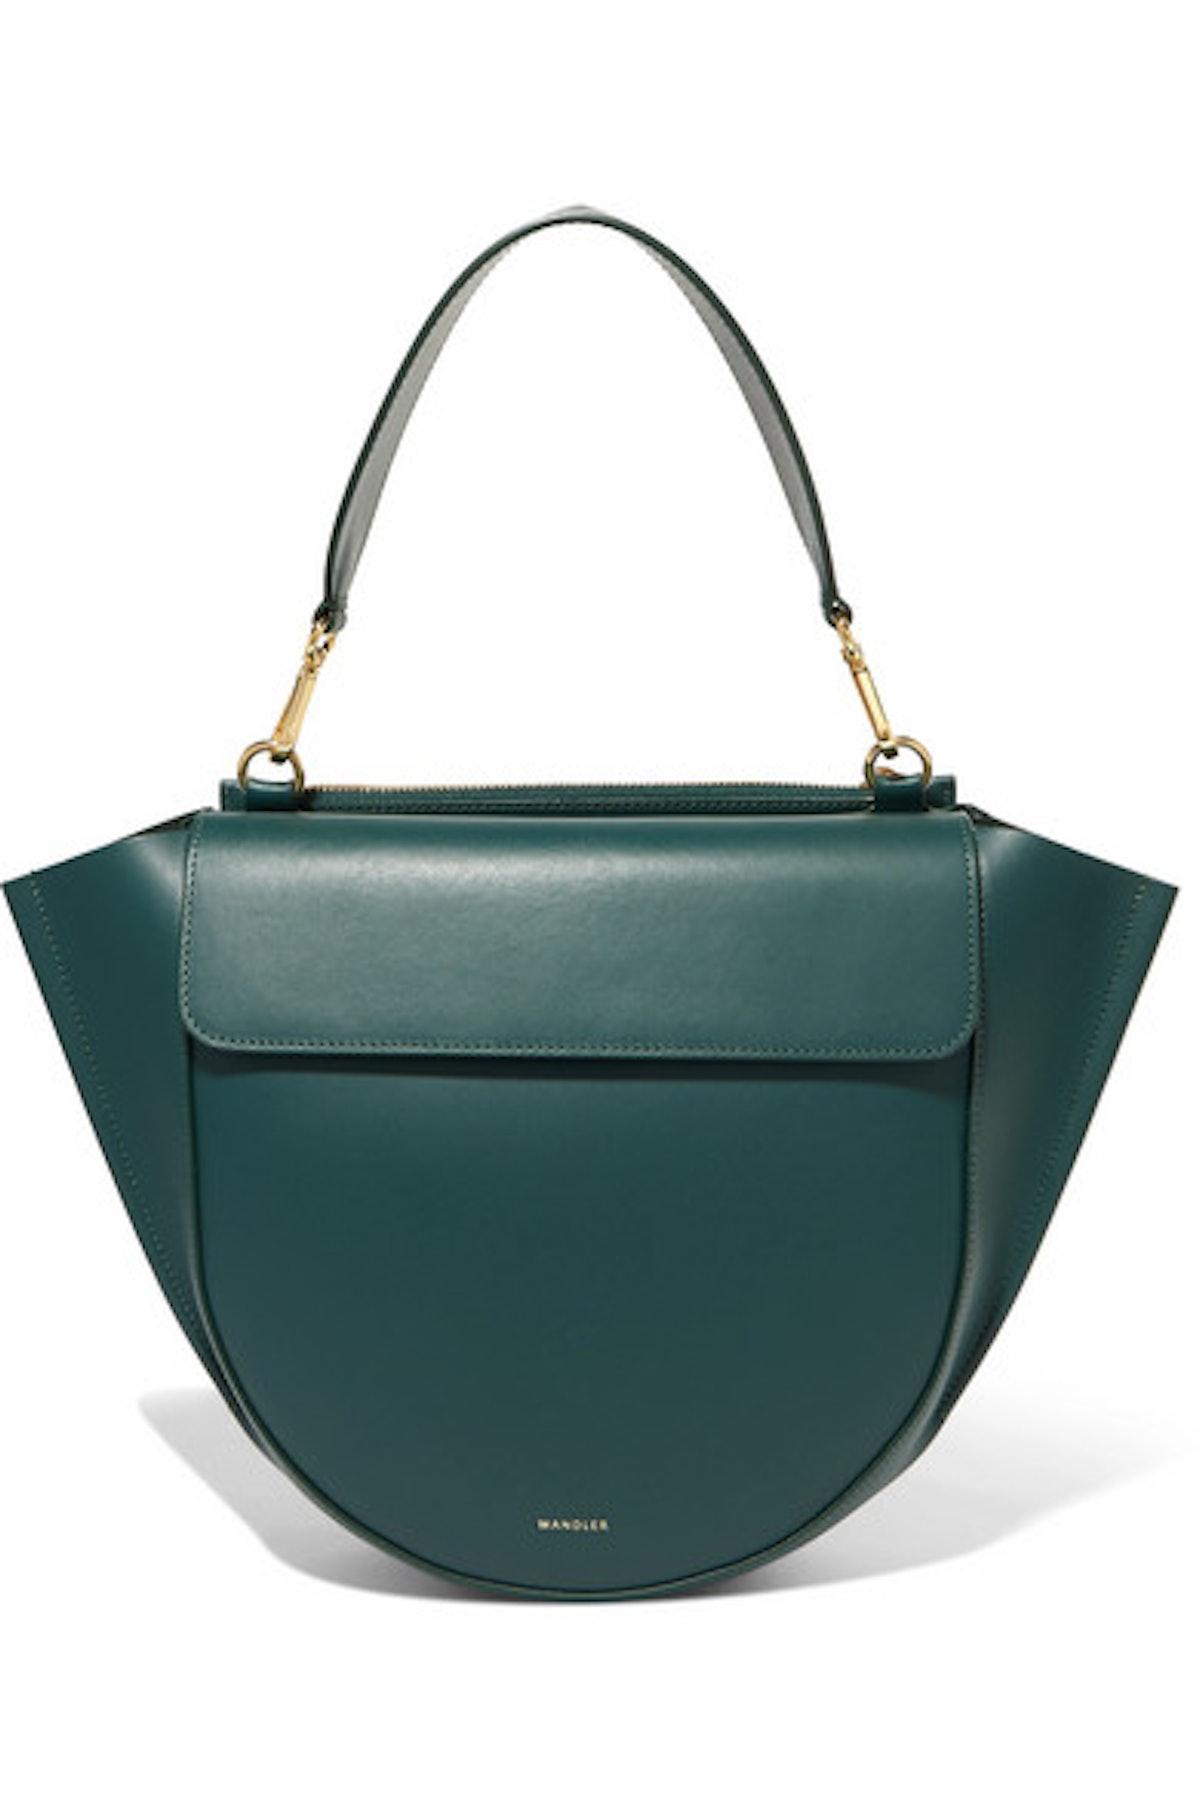 Hortensia Medium Leather Bag